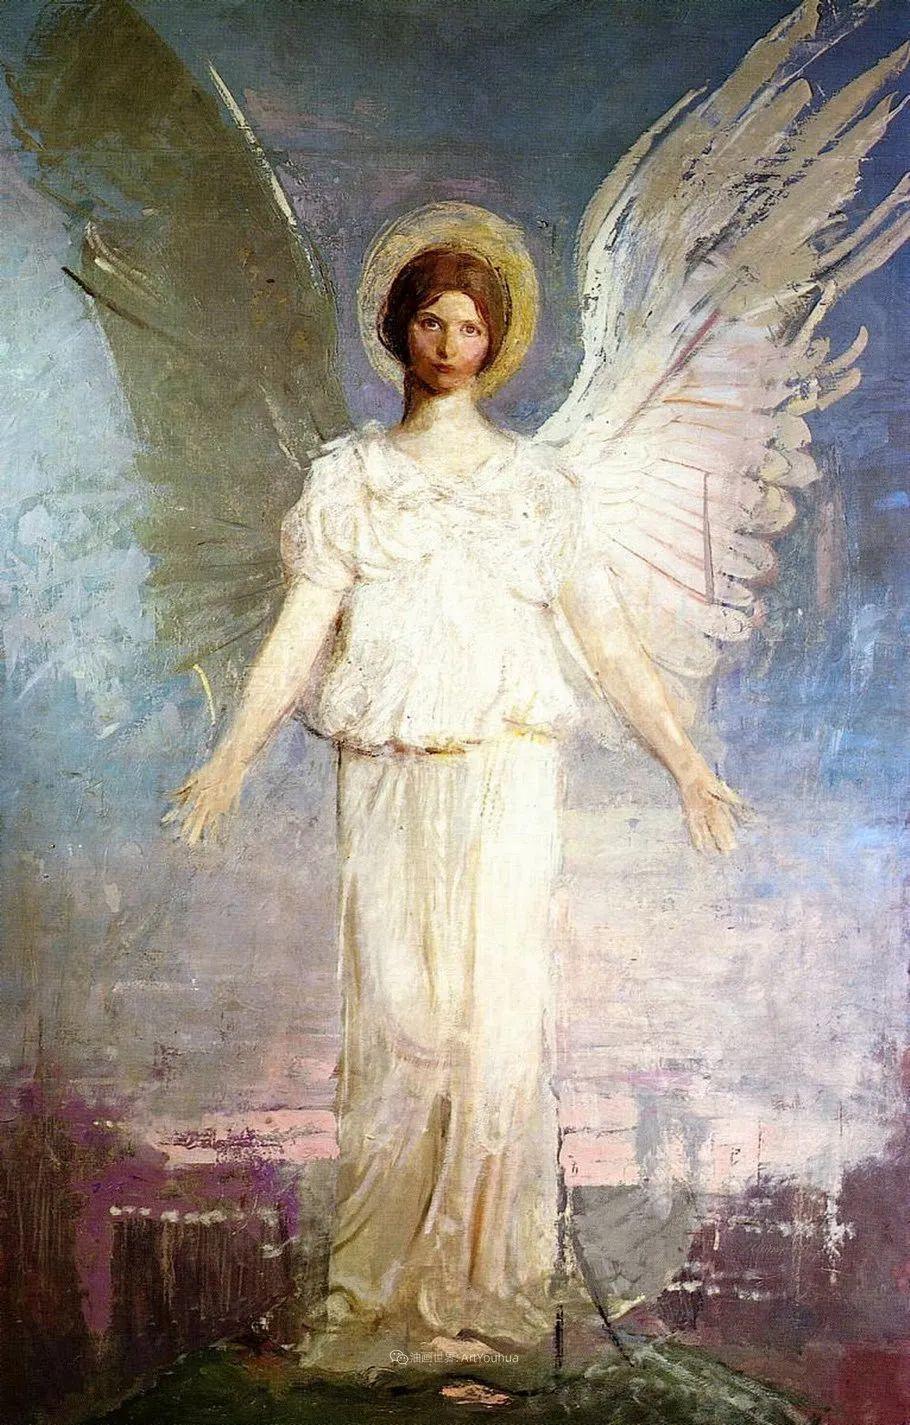 空灵的天使,精美绝伦!插图23